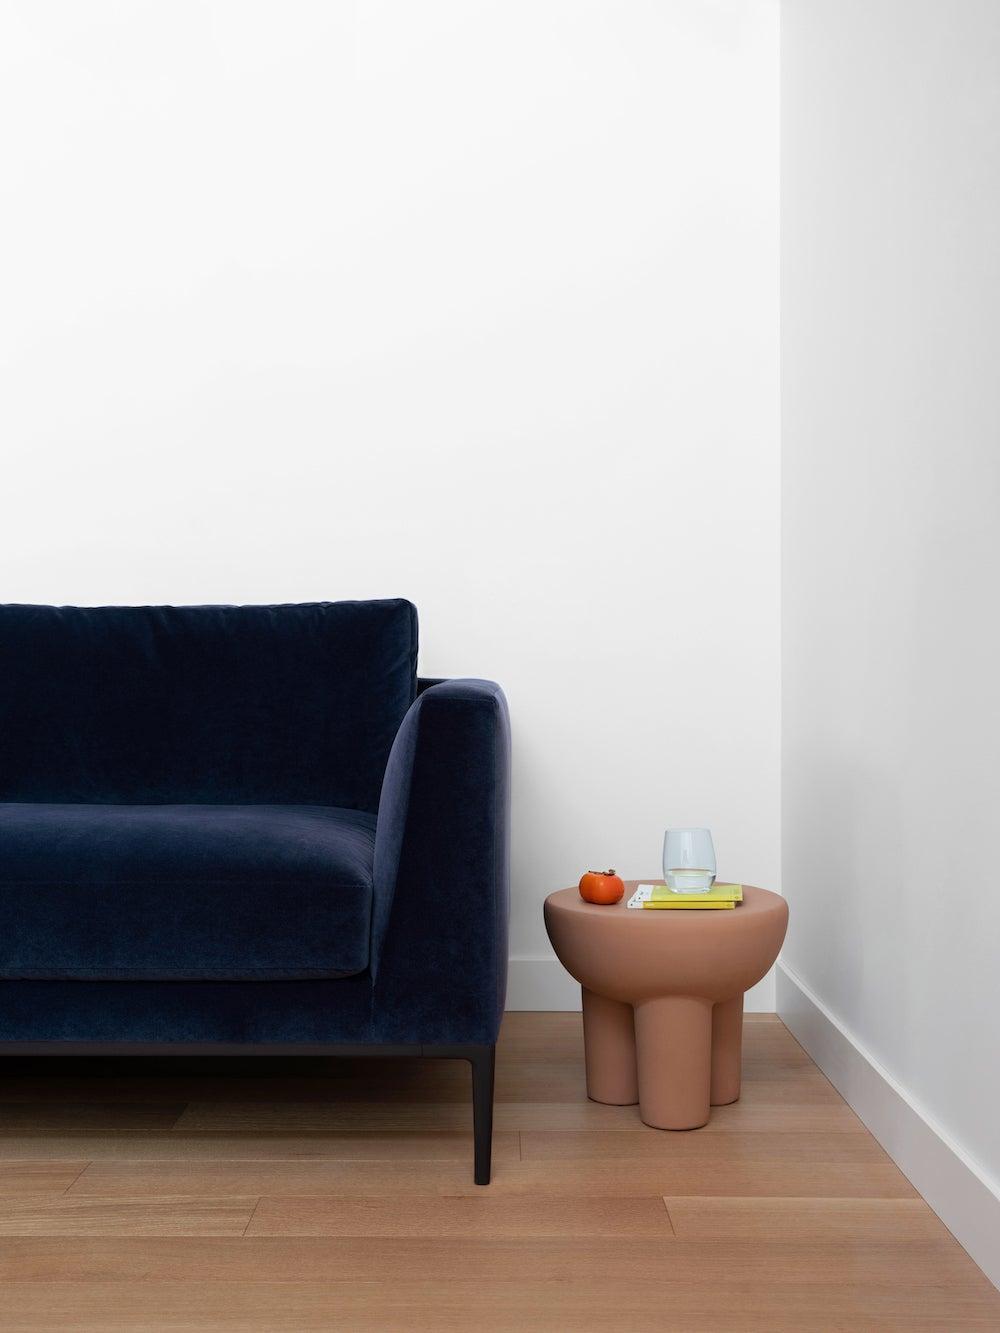 blue sofa next to terracotta stool